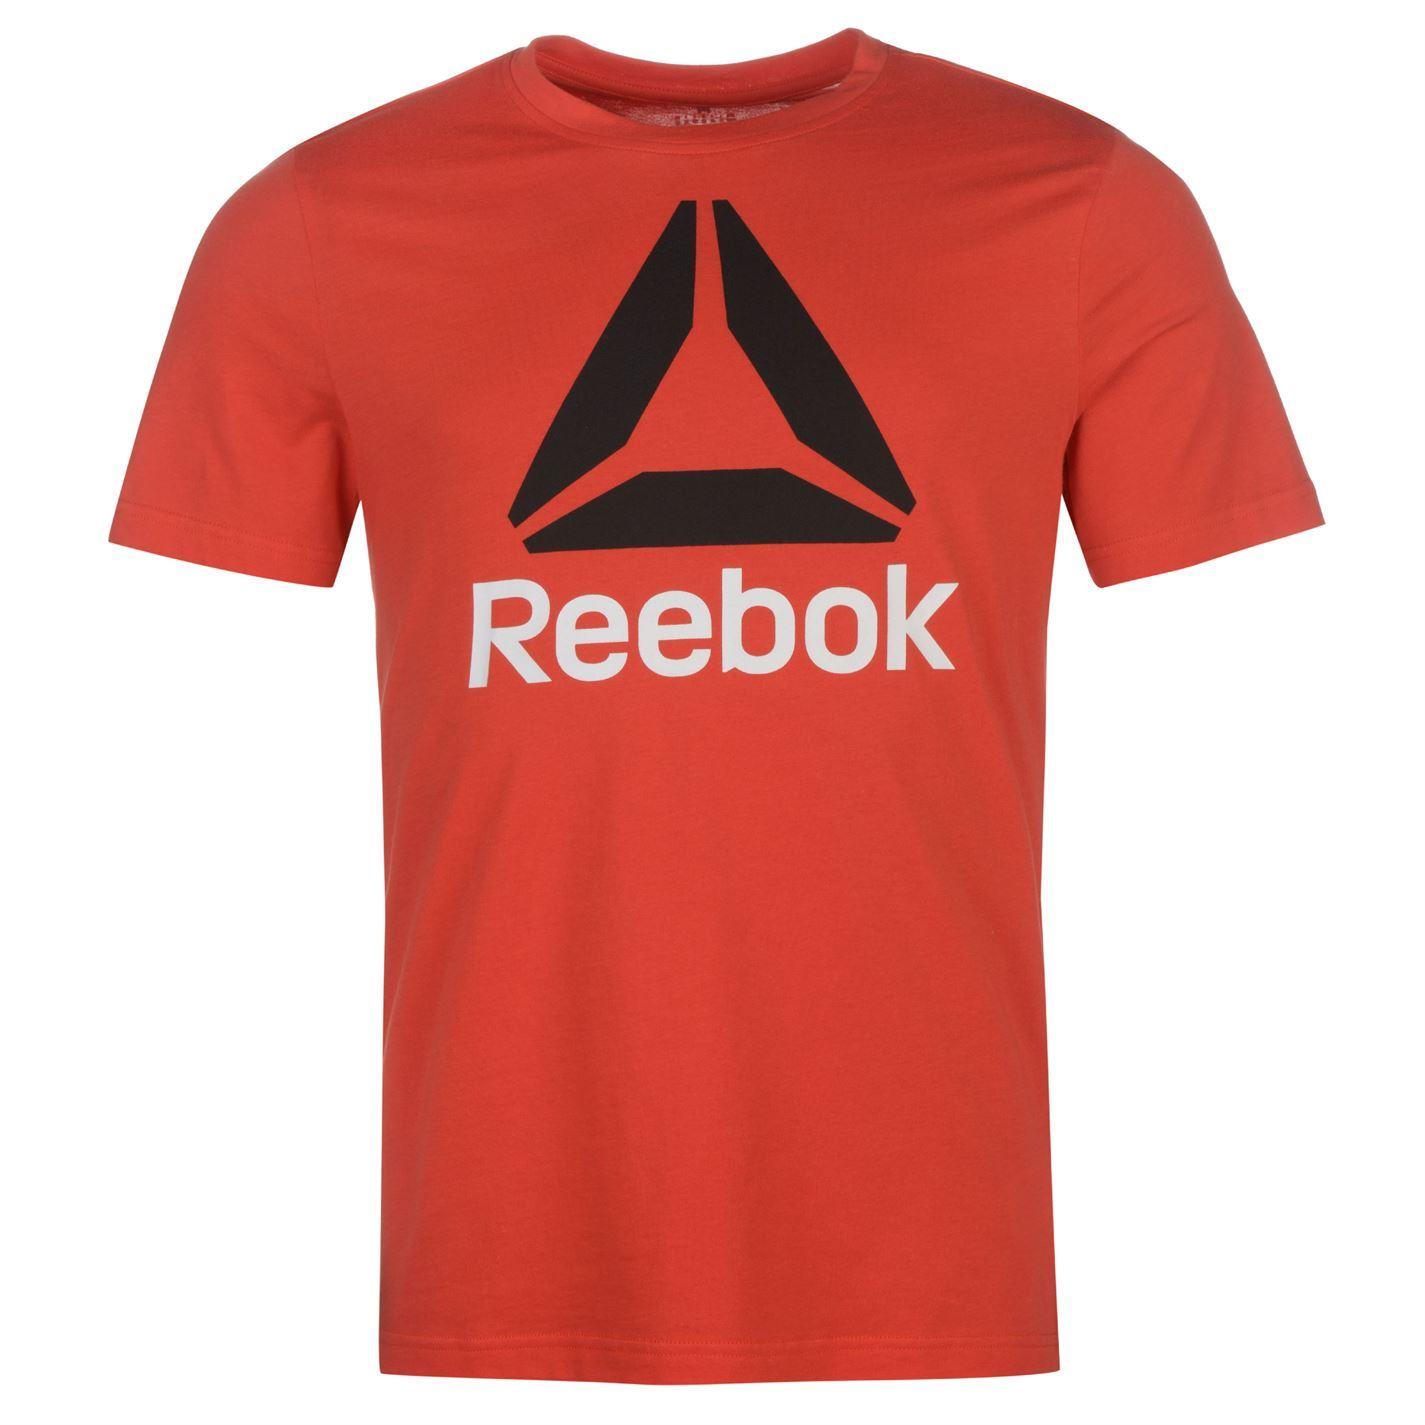 Reebok-Stack-Delta-Logo-T-Shirt-Mens-Tee-Shirt-Top thumbnail 23